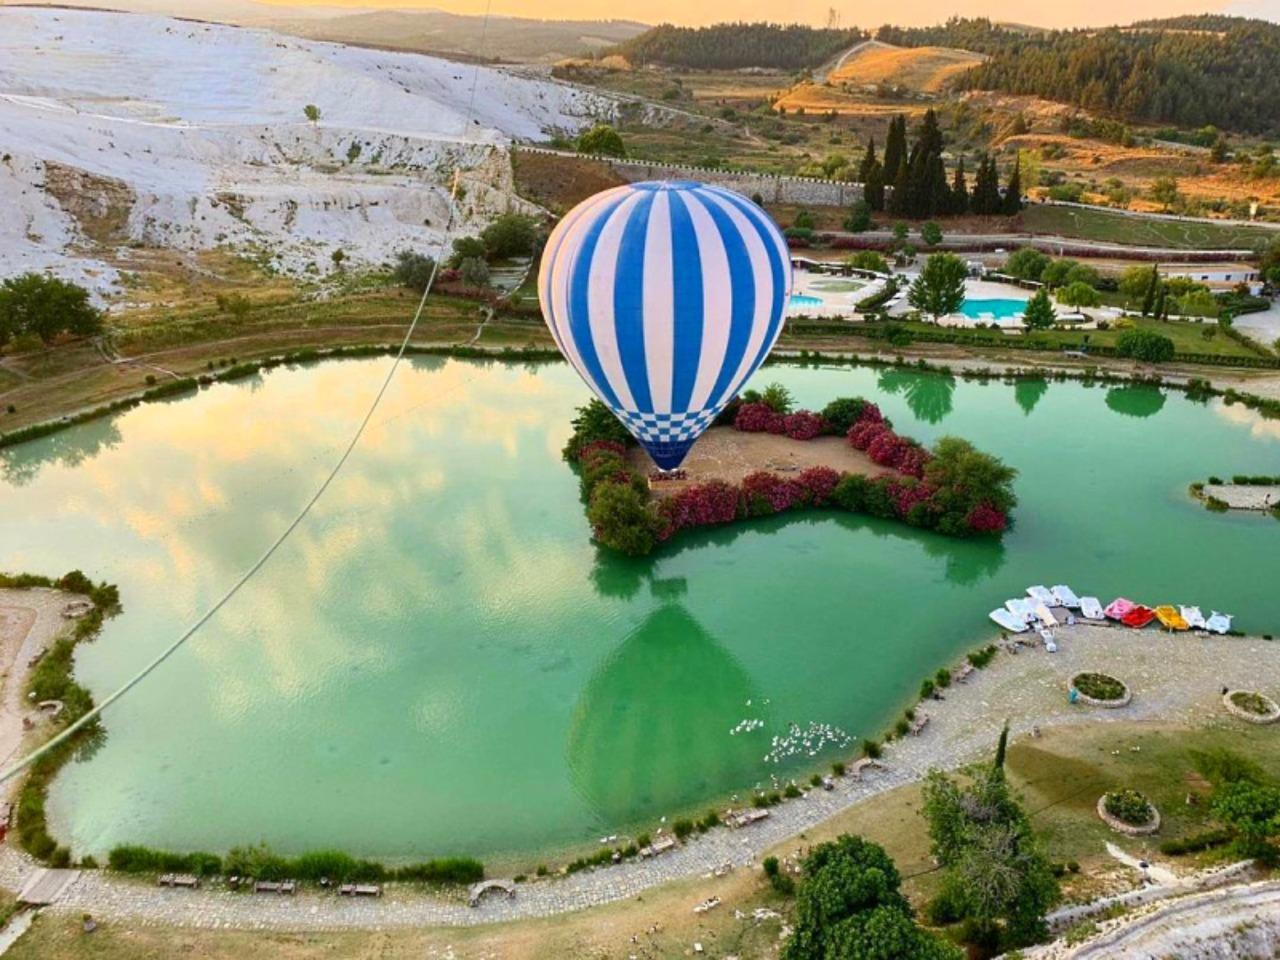 Из Сиде над Памуккале на воздушном шаре - групповая экскурсия в Сиде от опытного гида